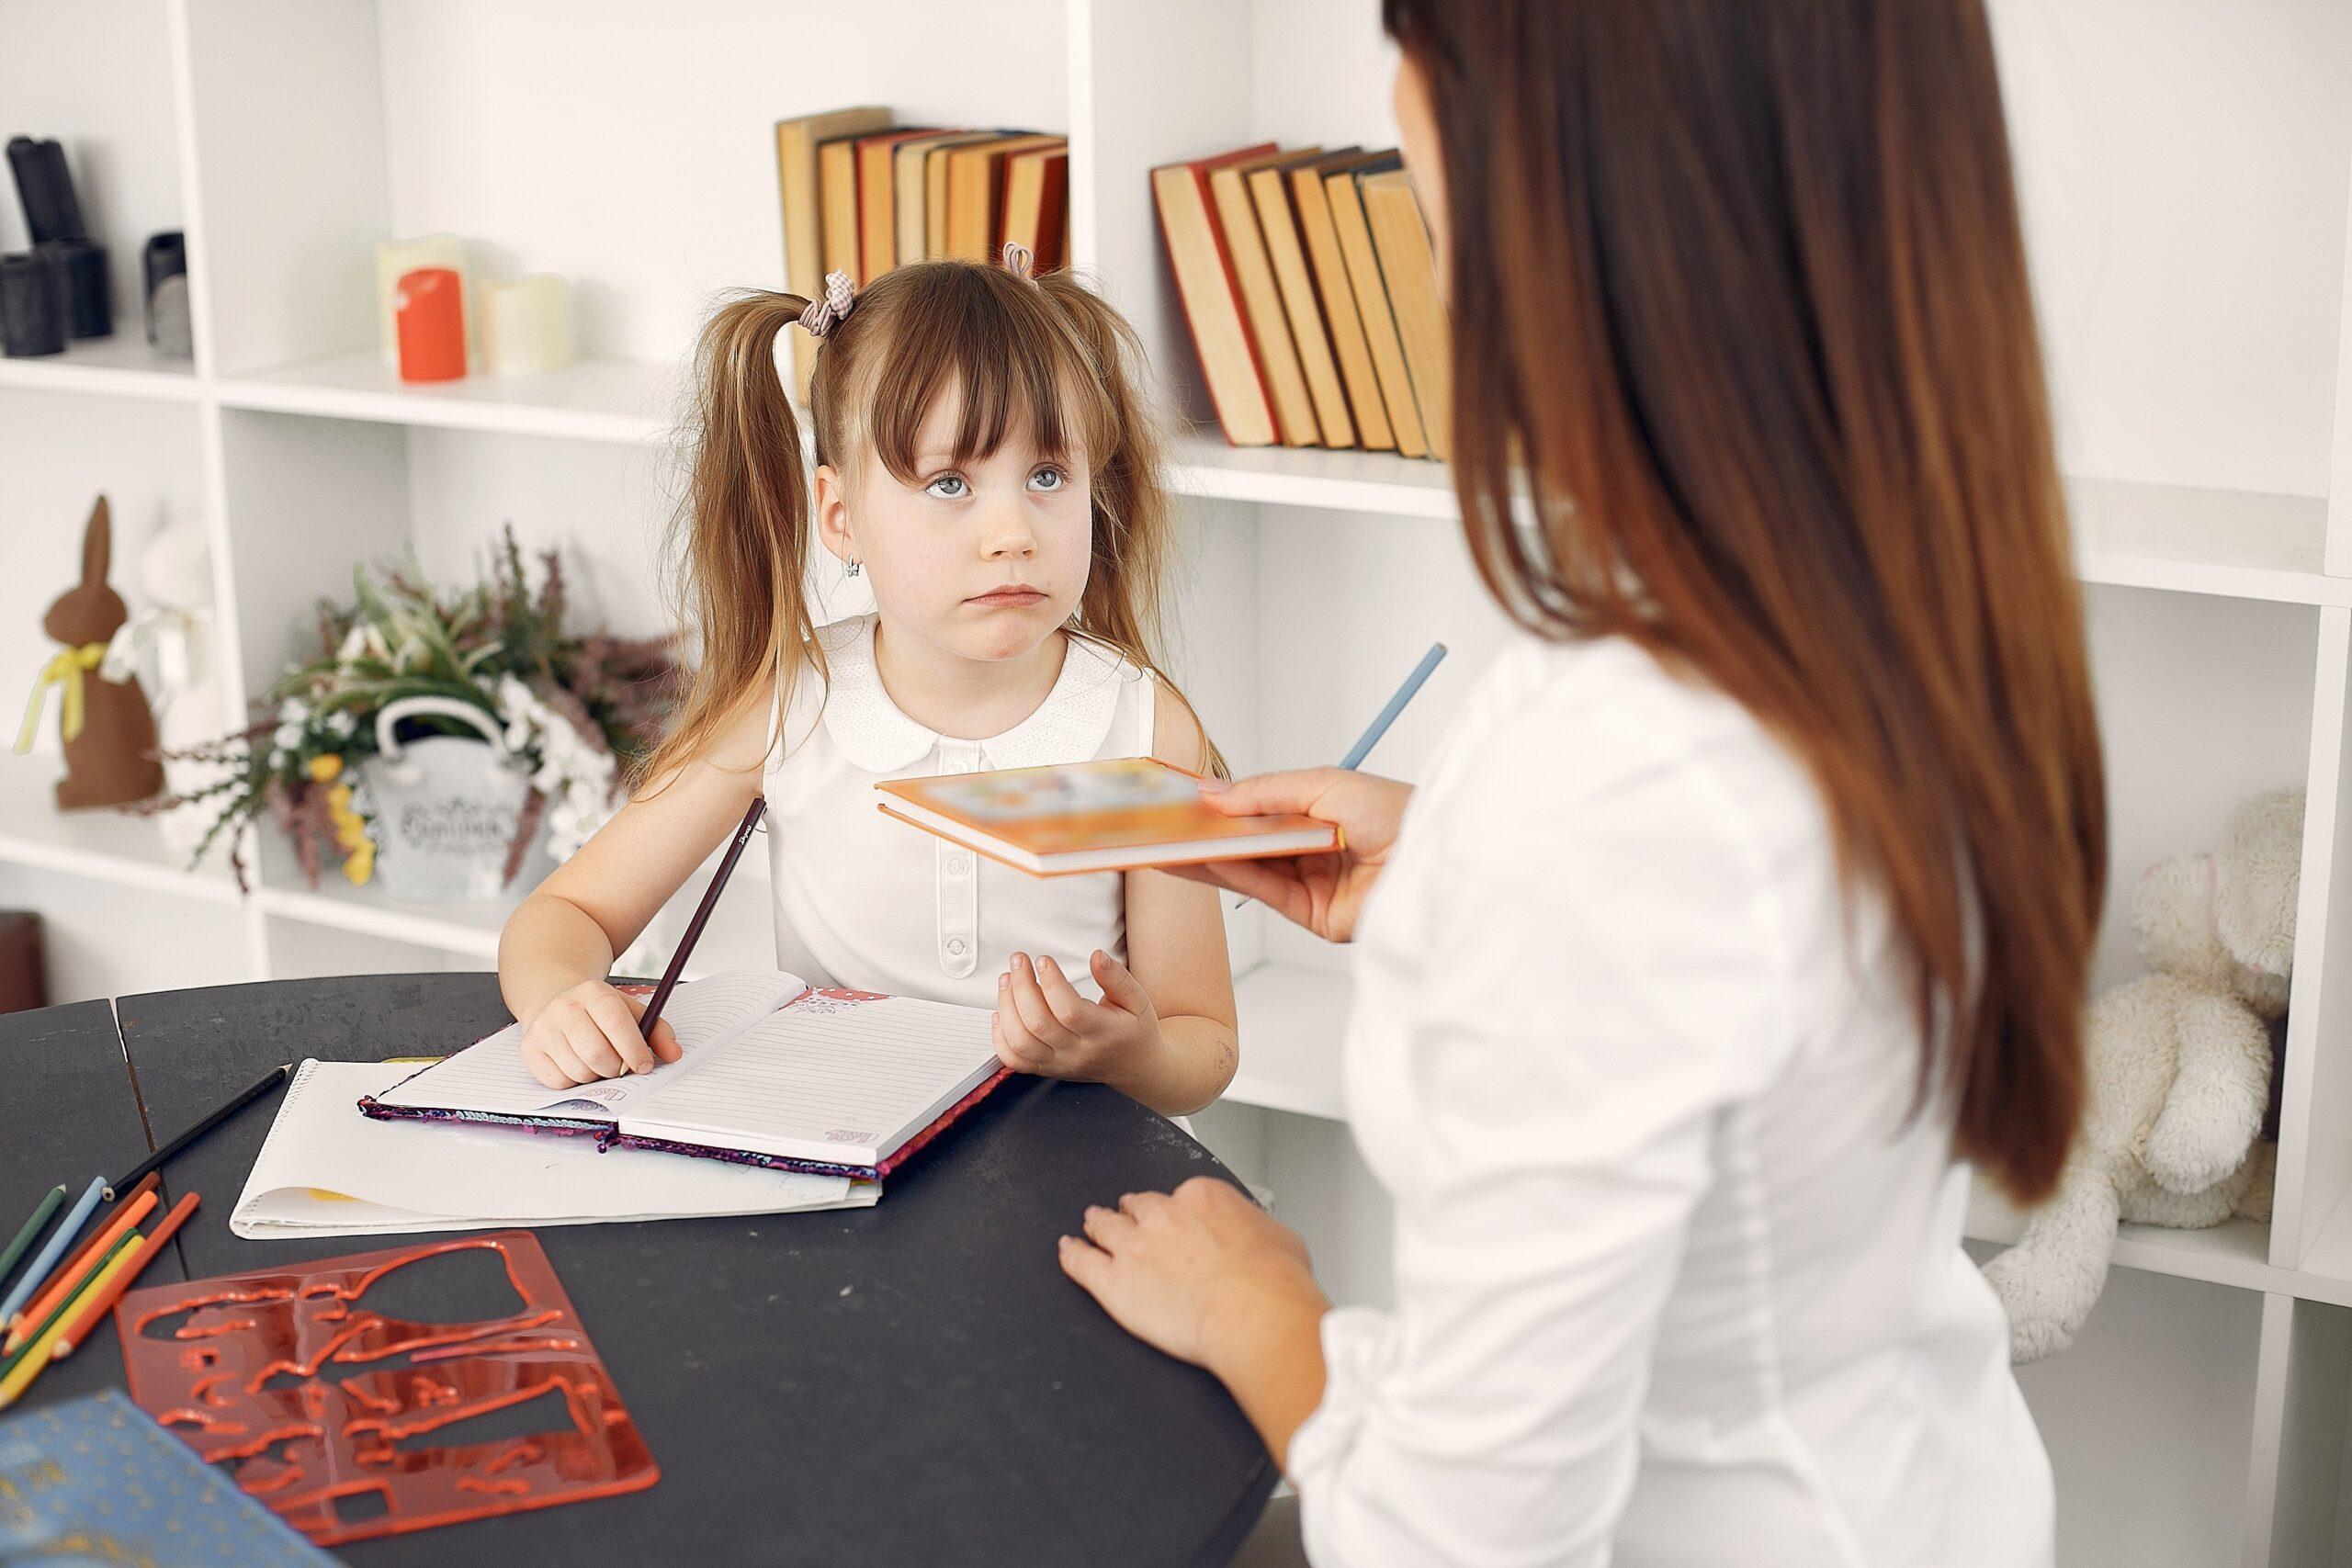 """Онлайн-семинар для родителей детей в возрасте от 5 до 10 лет «""""Домашка"""": чем помочь и что нельзя делать»"""